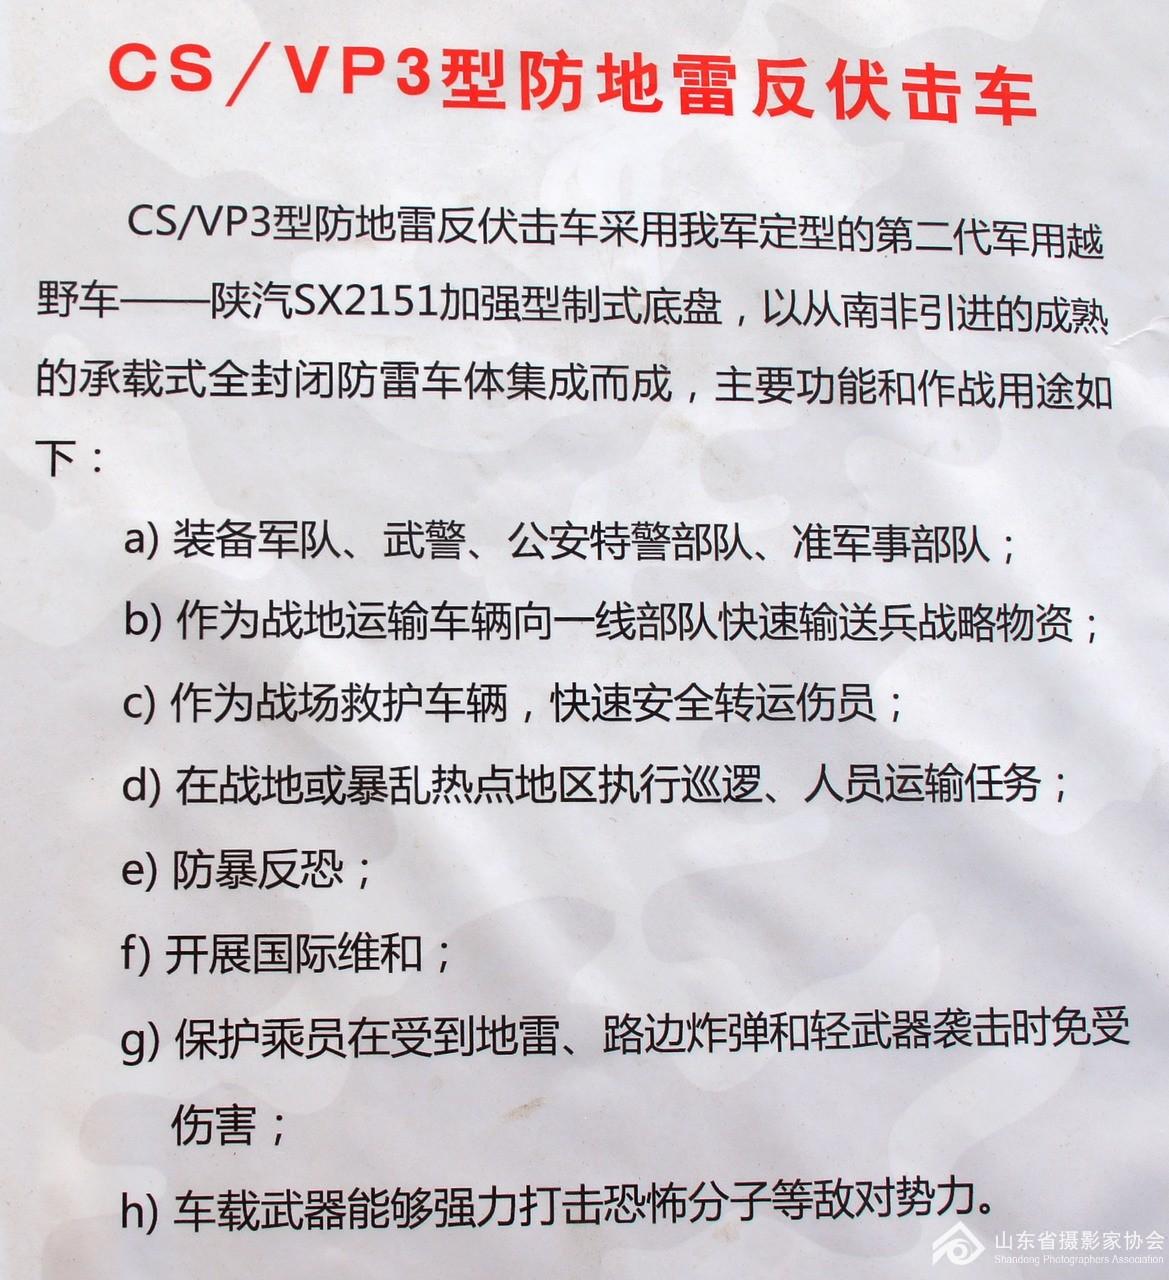 防地雷反伏击车-简介-46-1280.jpg